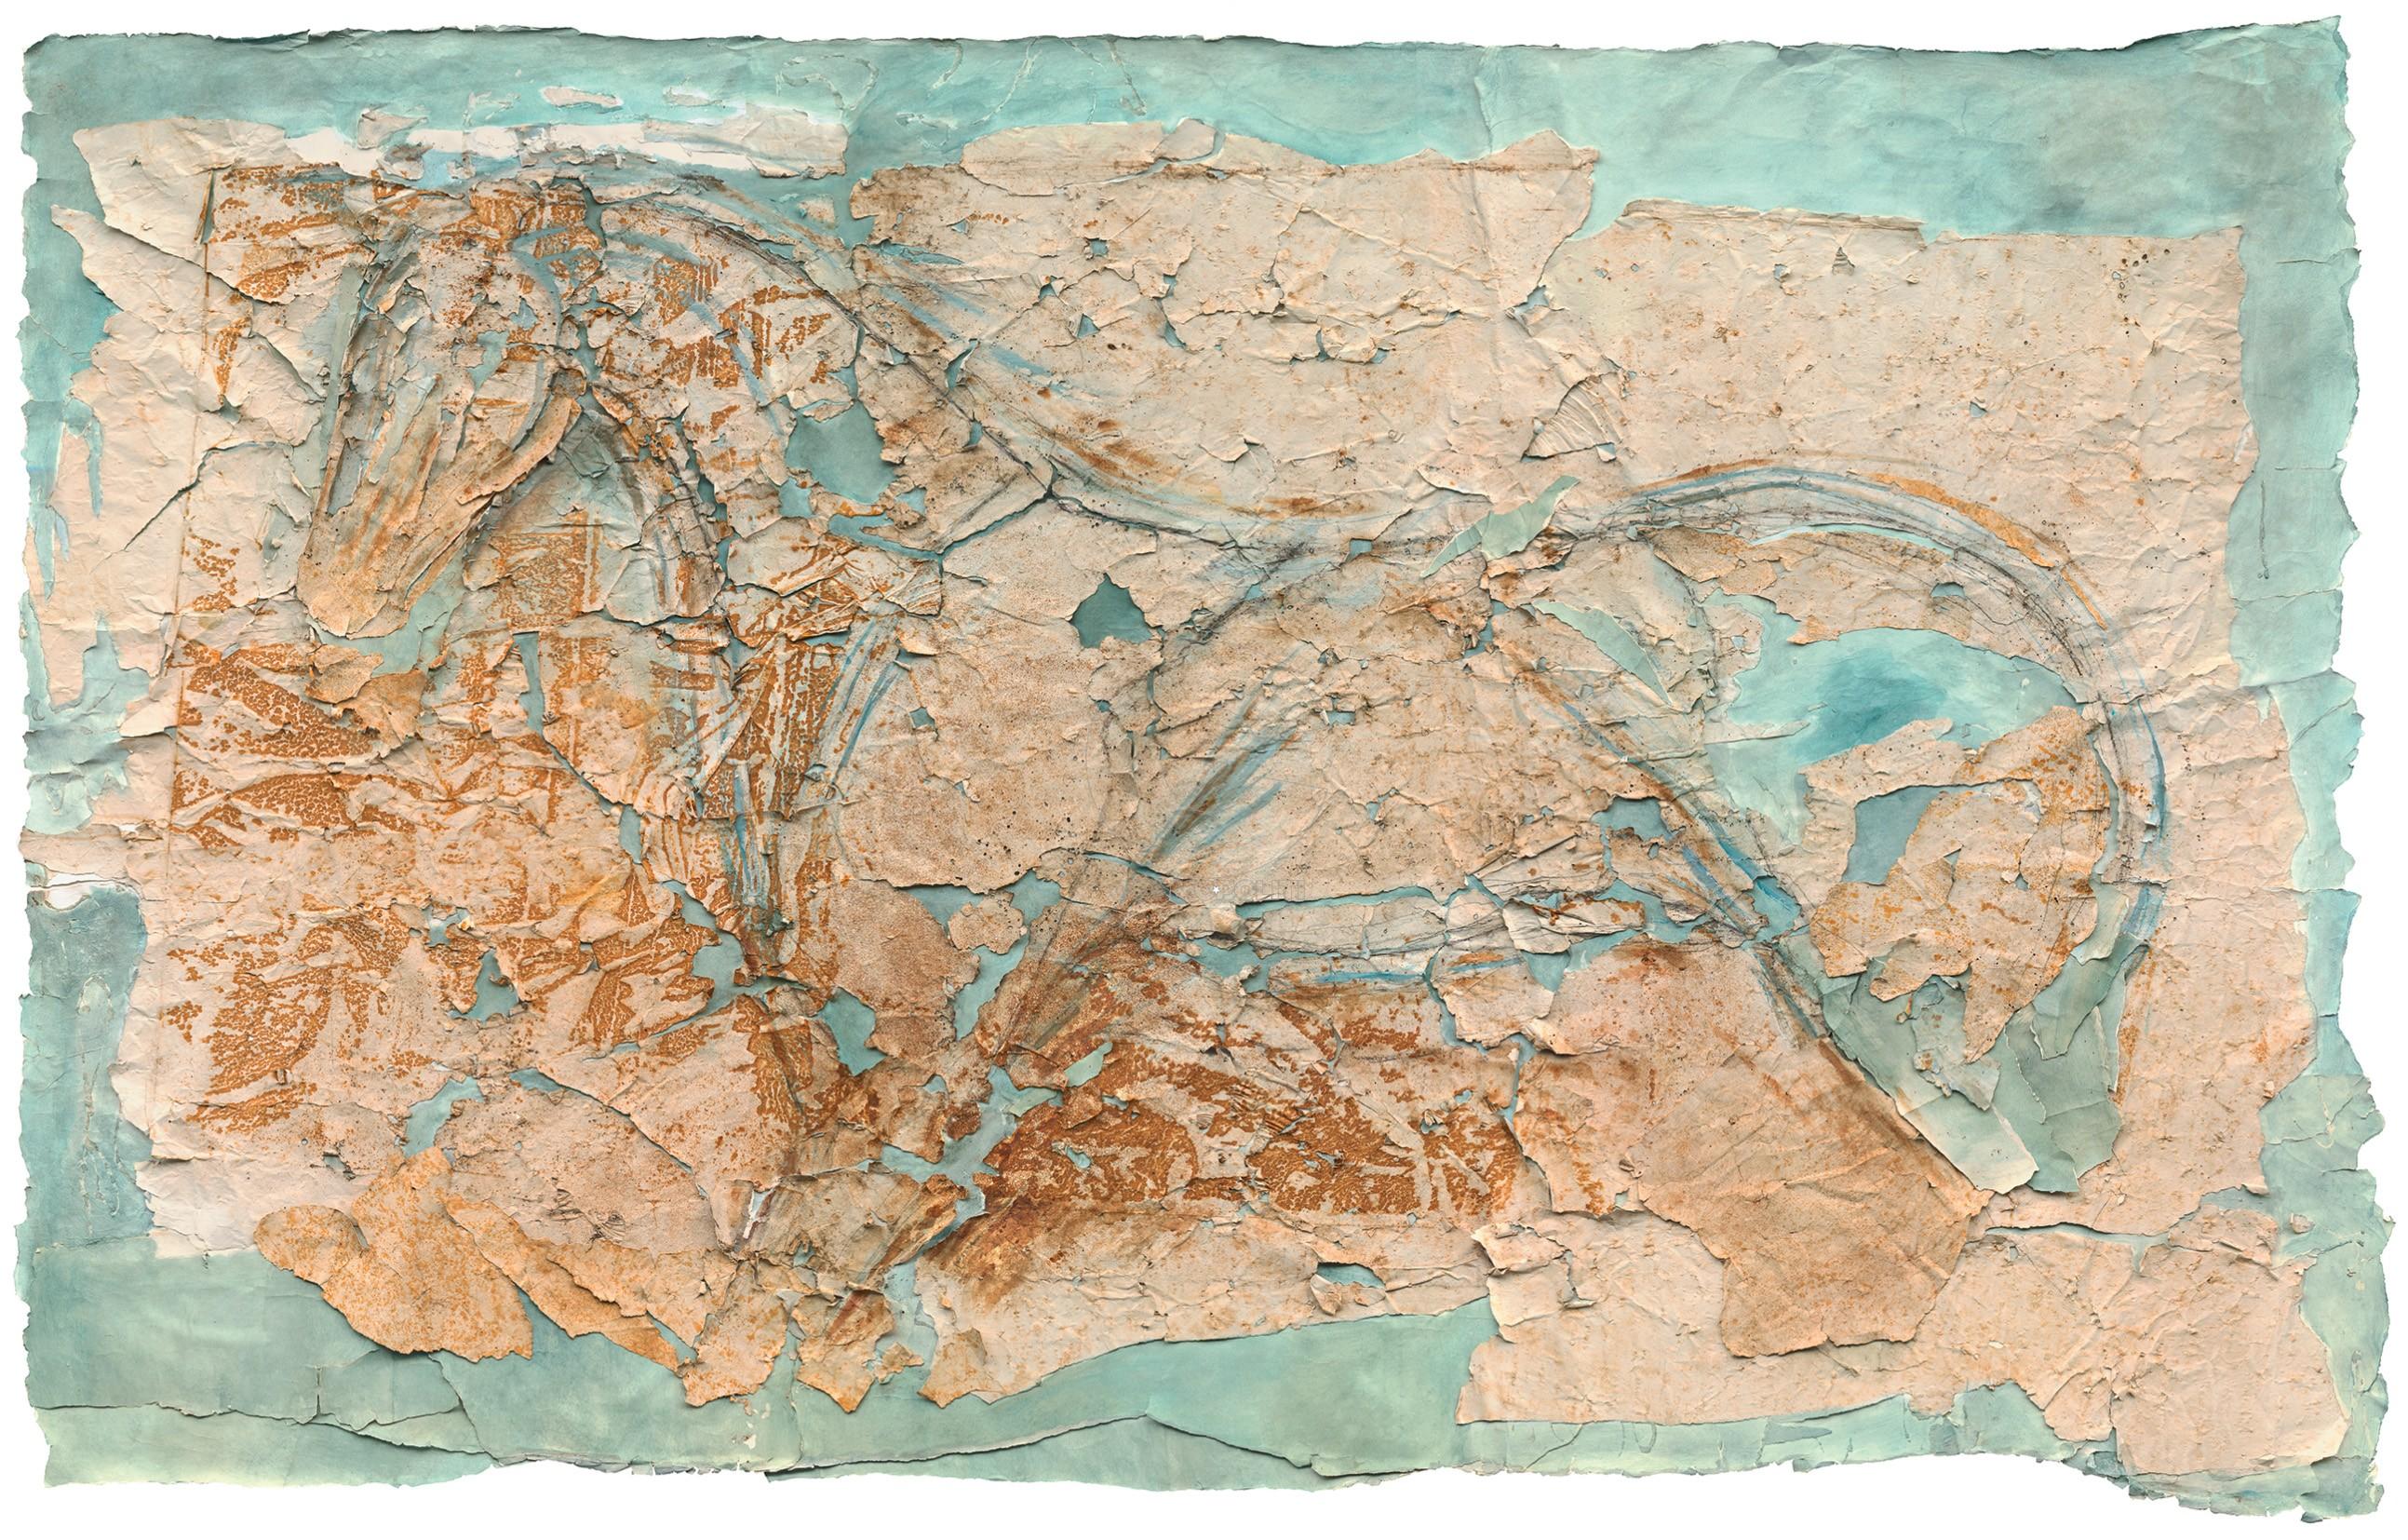 09_Άλογο στο Γαλάζιο, 2005-15, 177x285_Μικτή Τεχνική σε Χαρτί